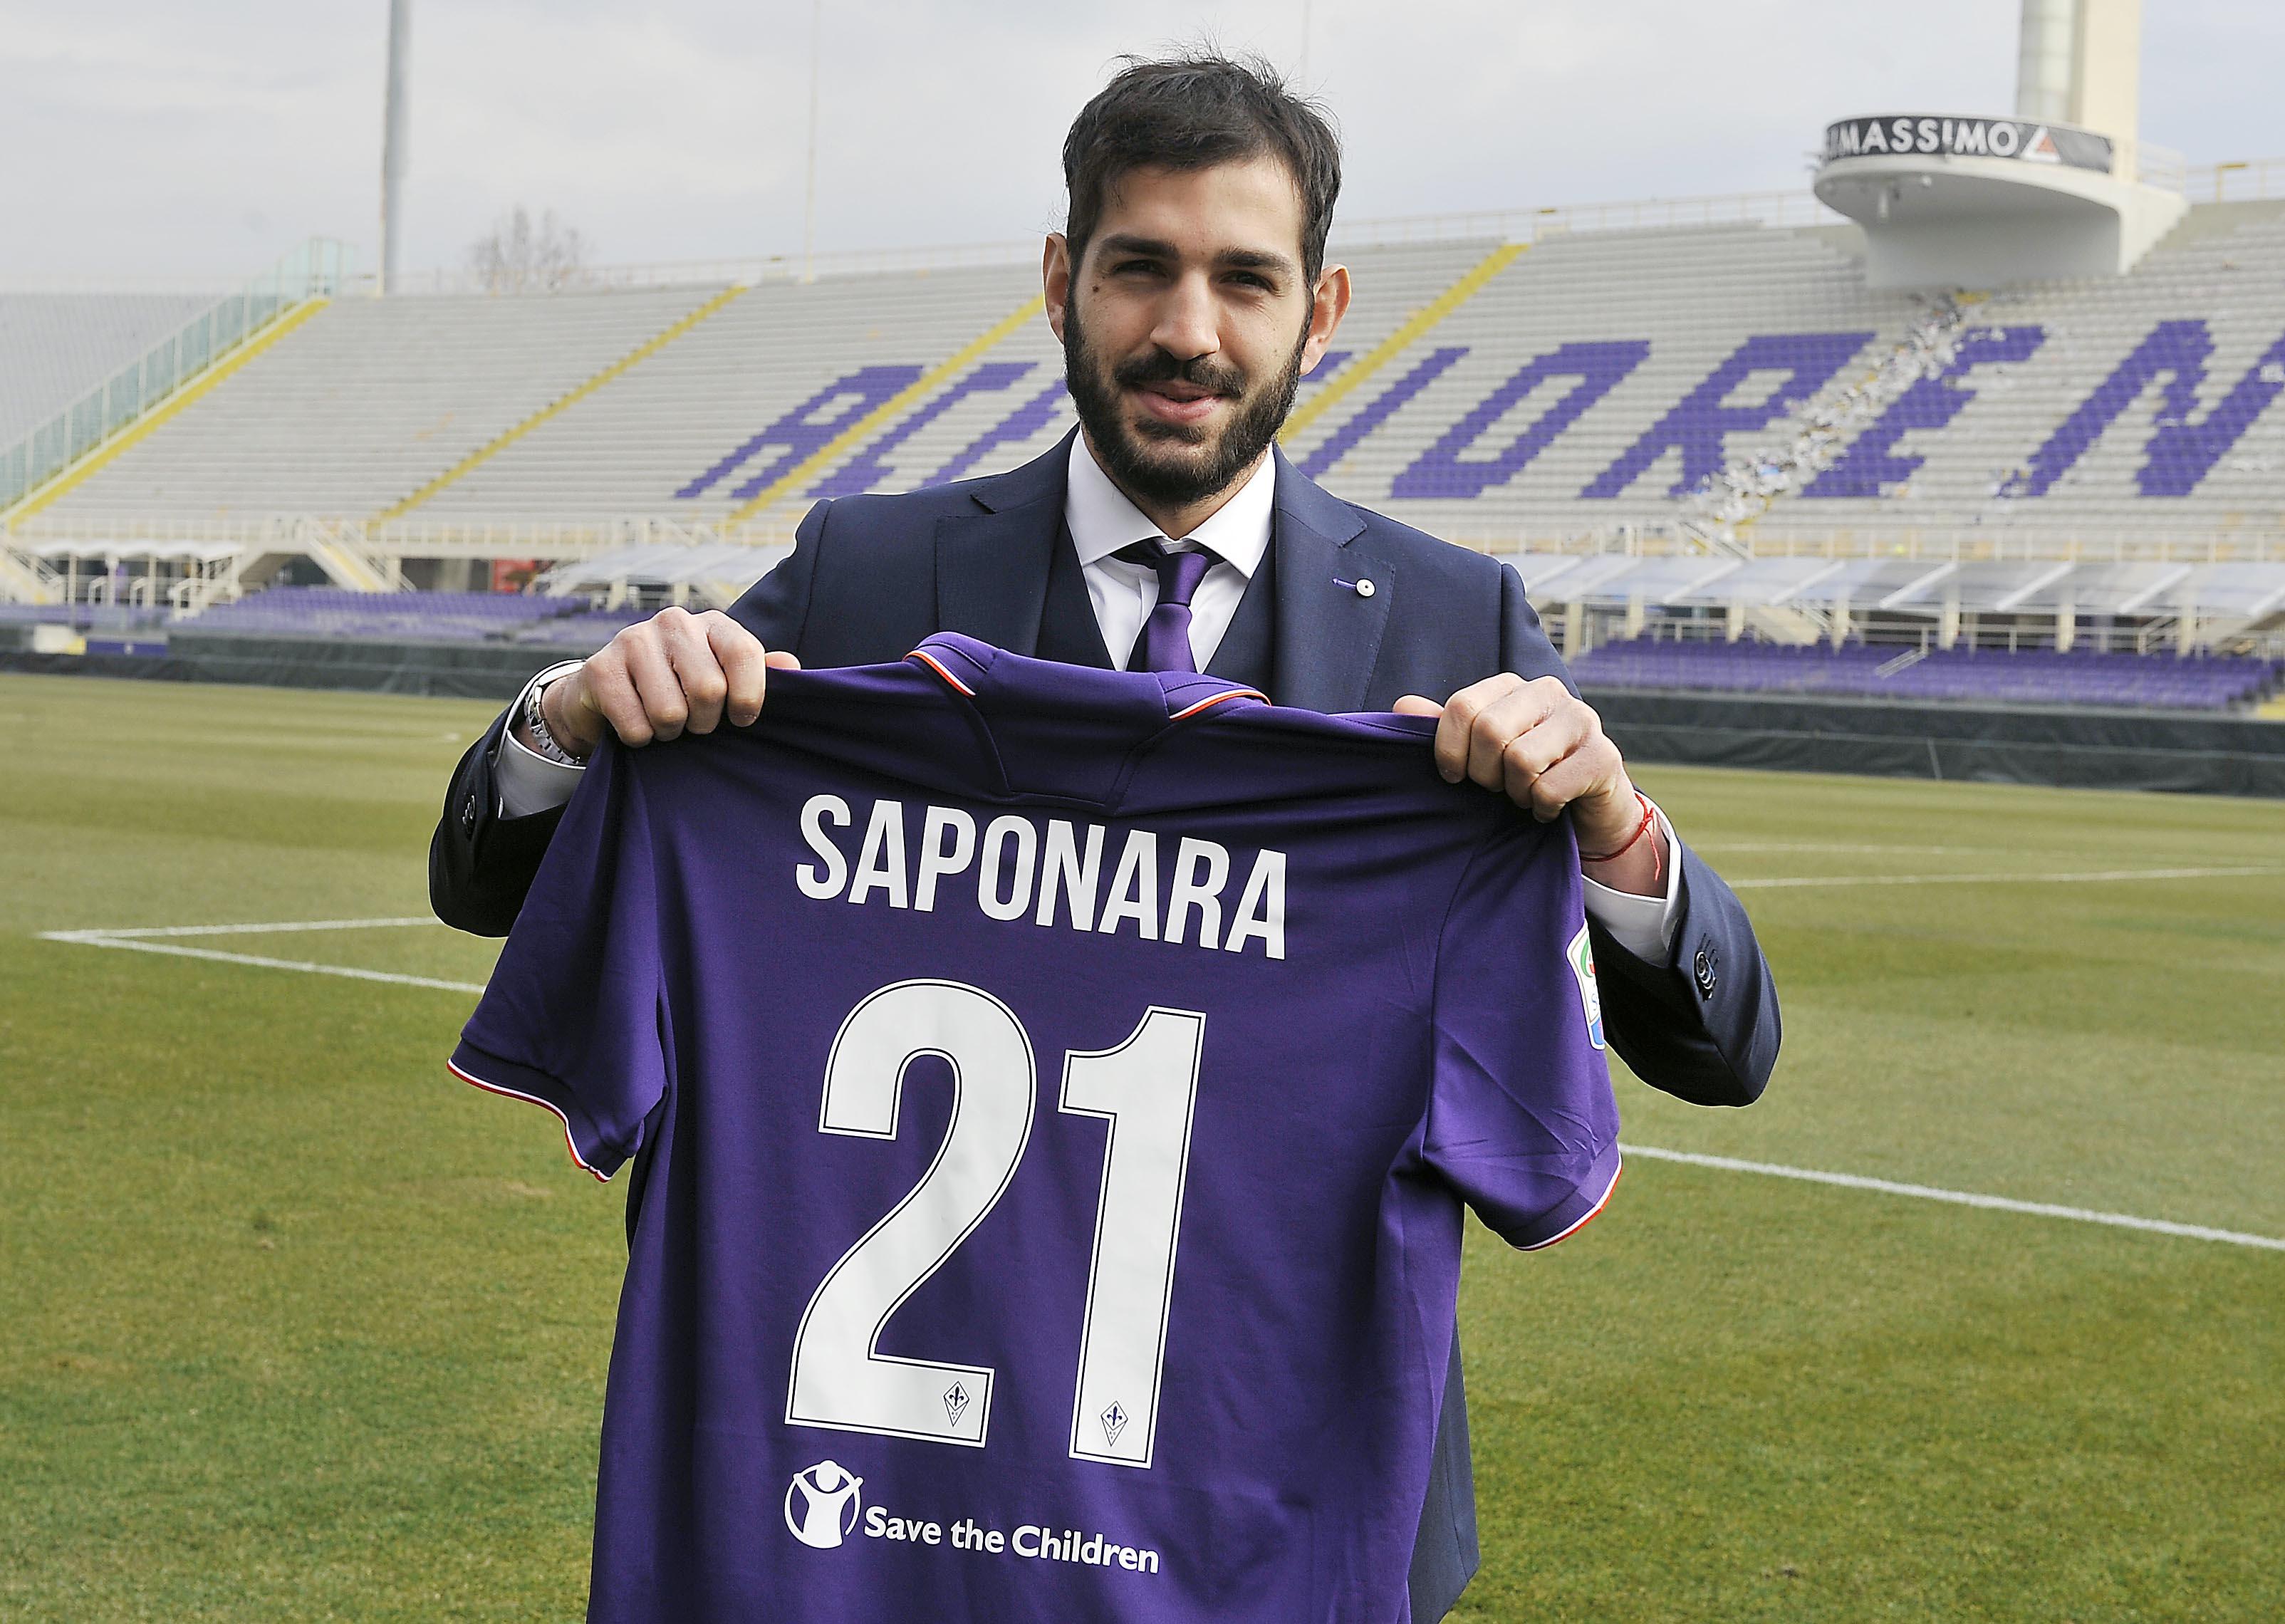 Fiorentina, la presentazione di Saponara